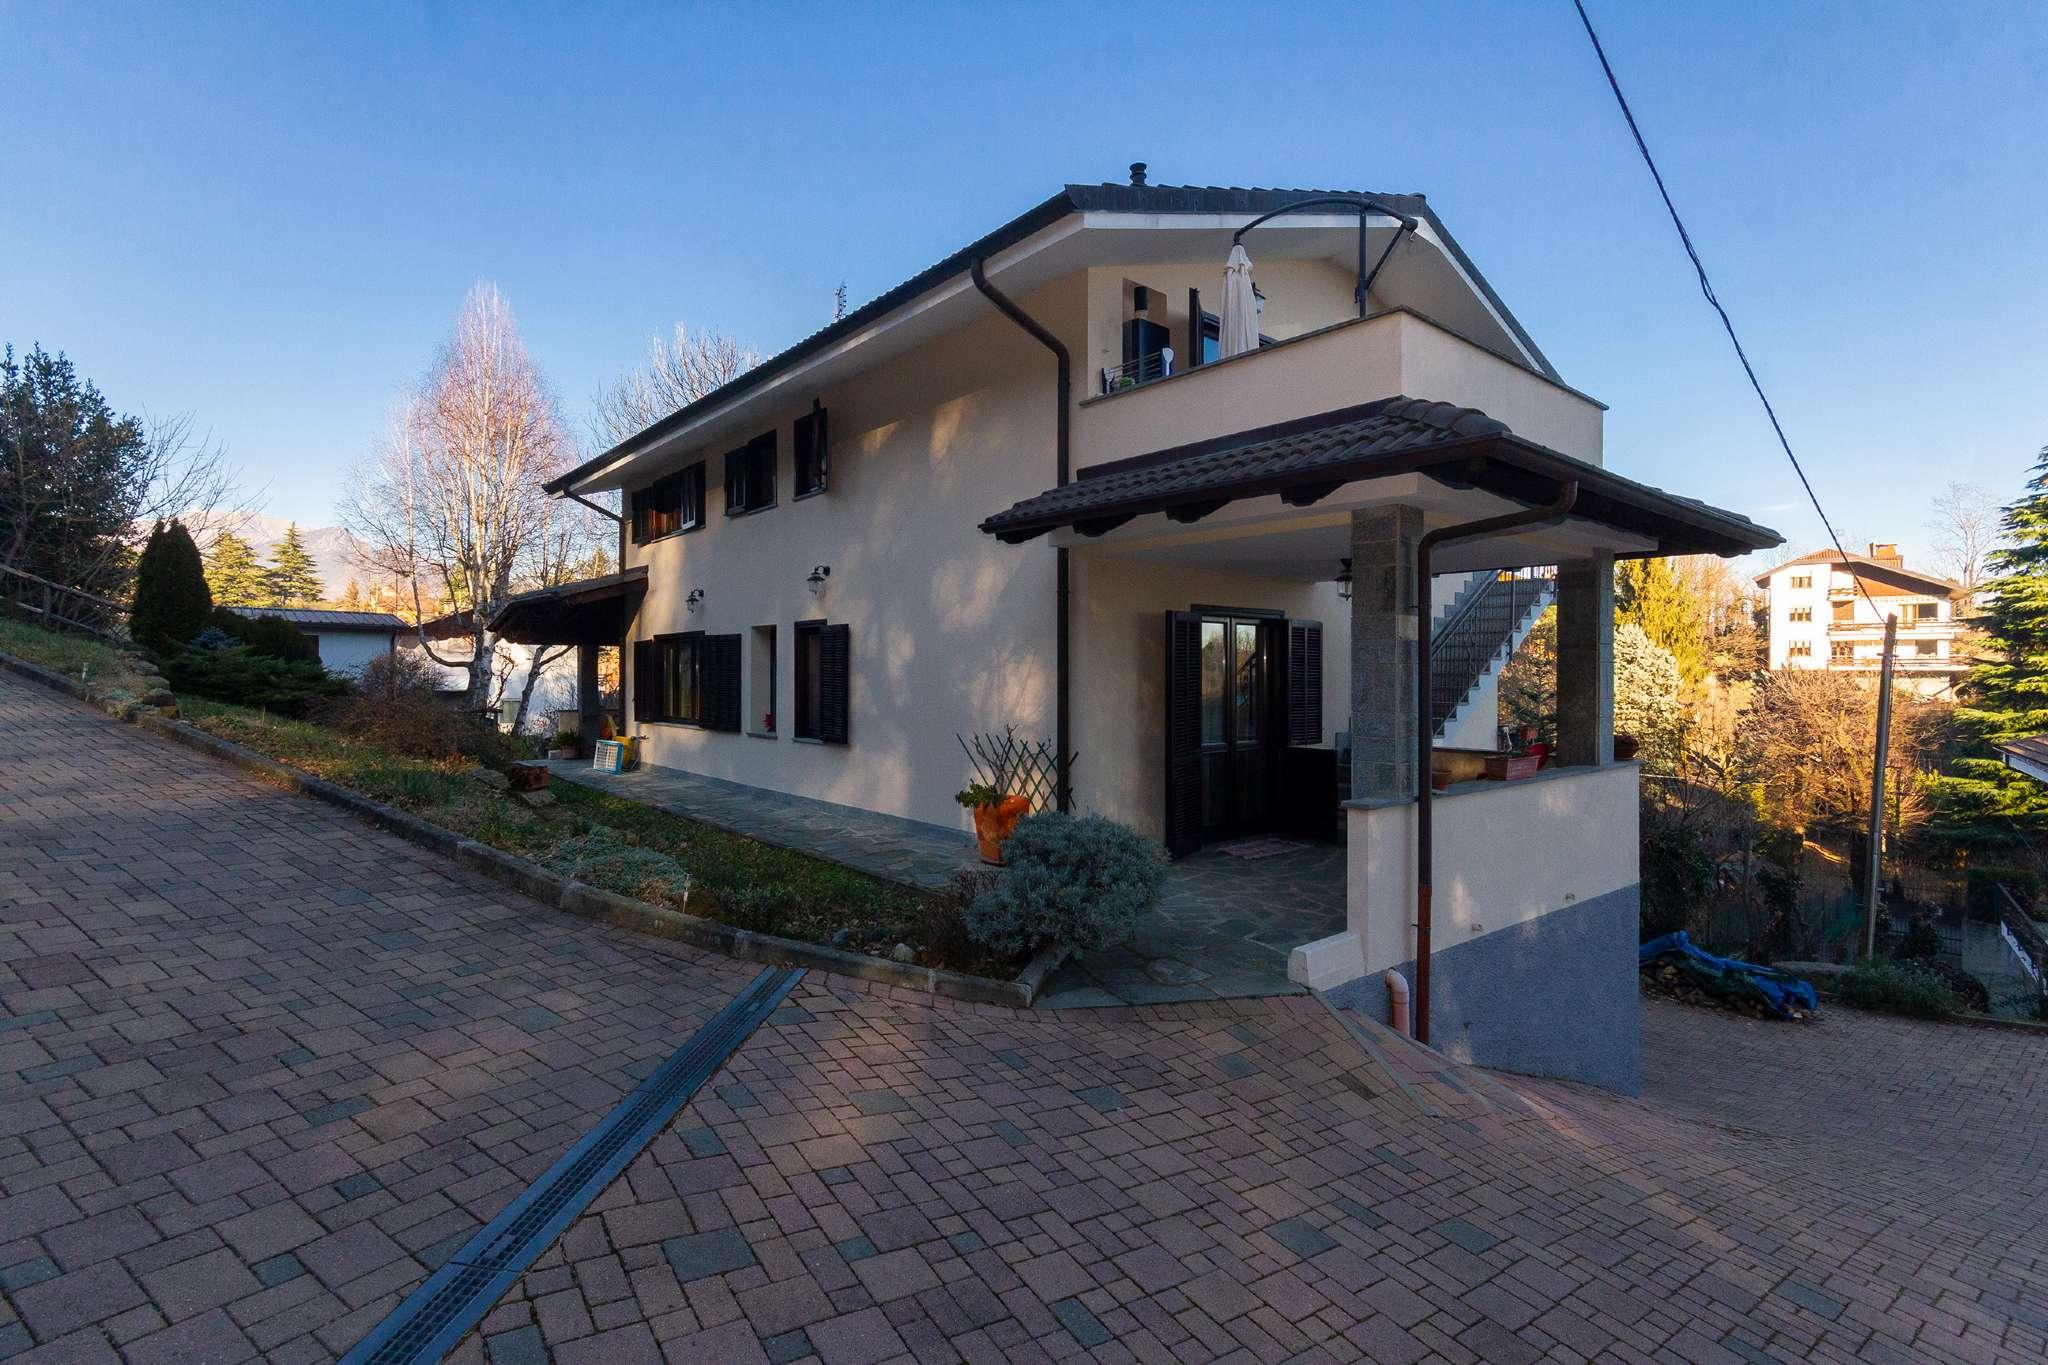 Villetta a Schiera in vendita via Delle Betulle 15 Avigliana